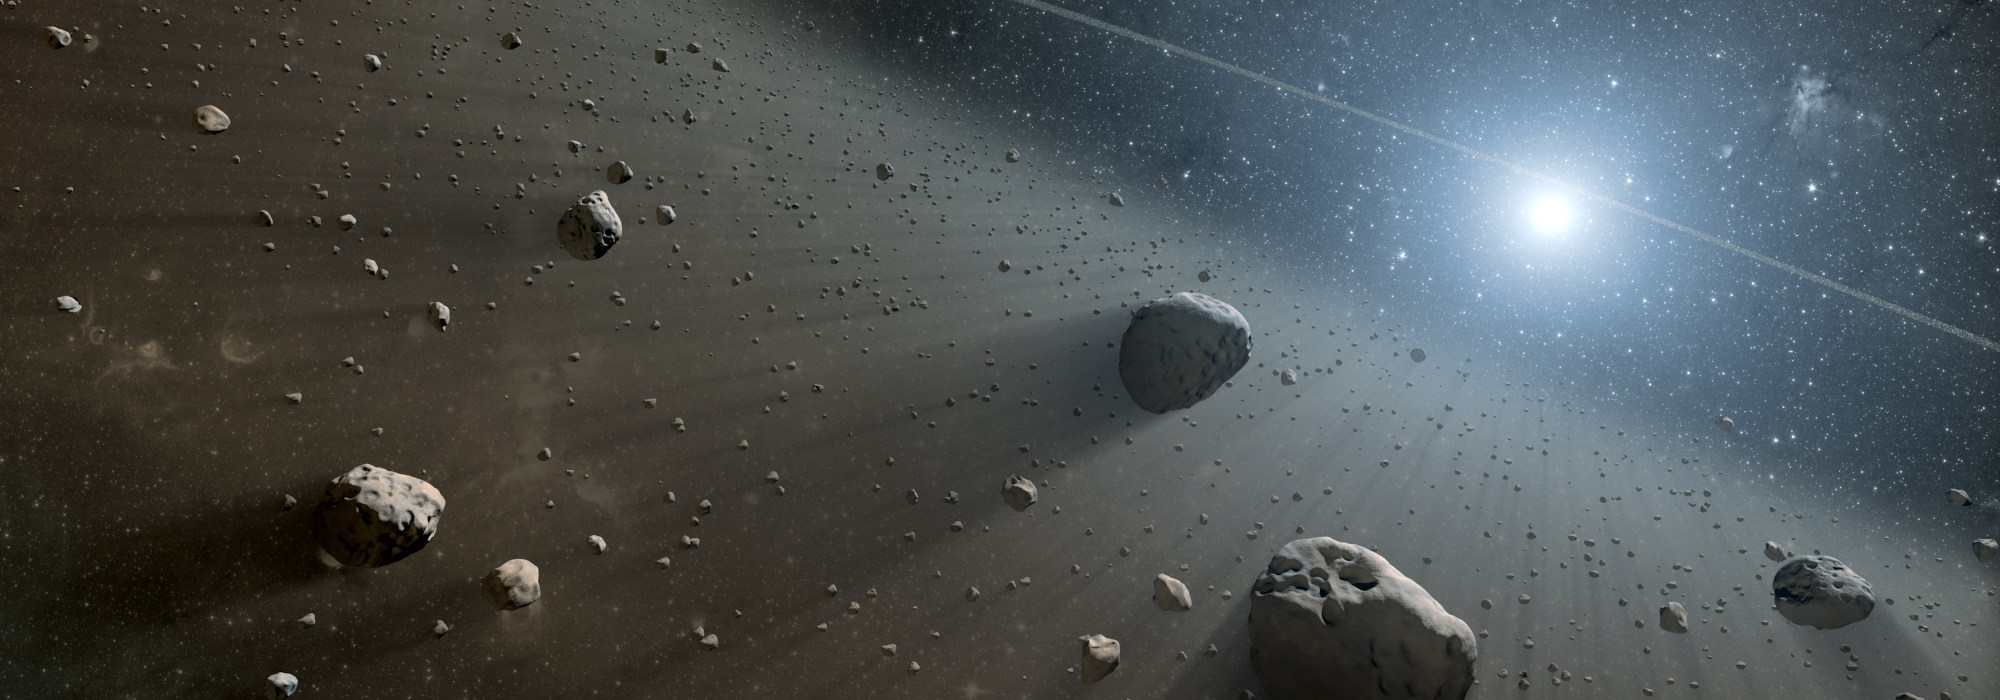 Asteroitler gerçekten ne kadar tehlikeli?